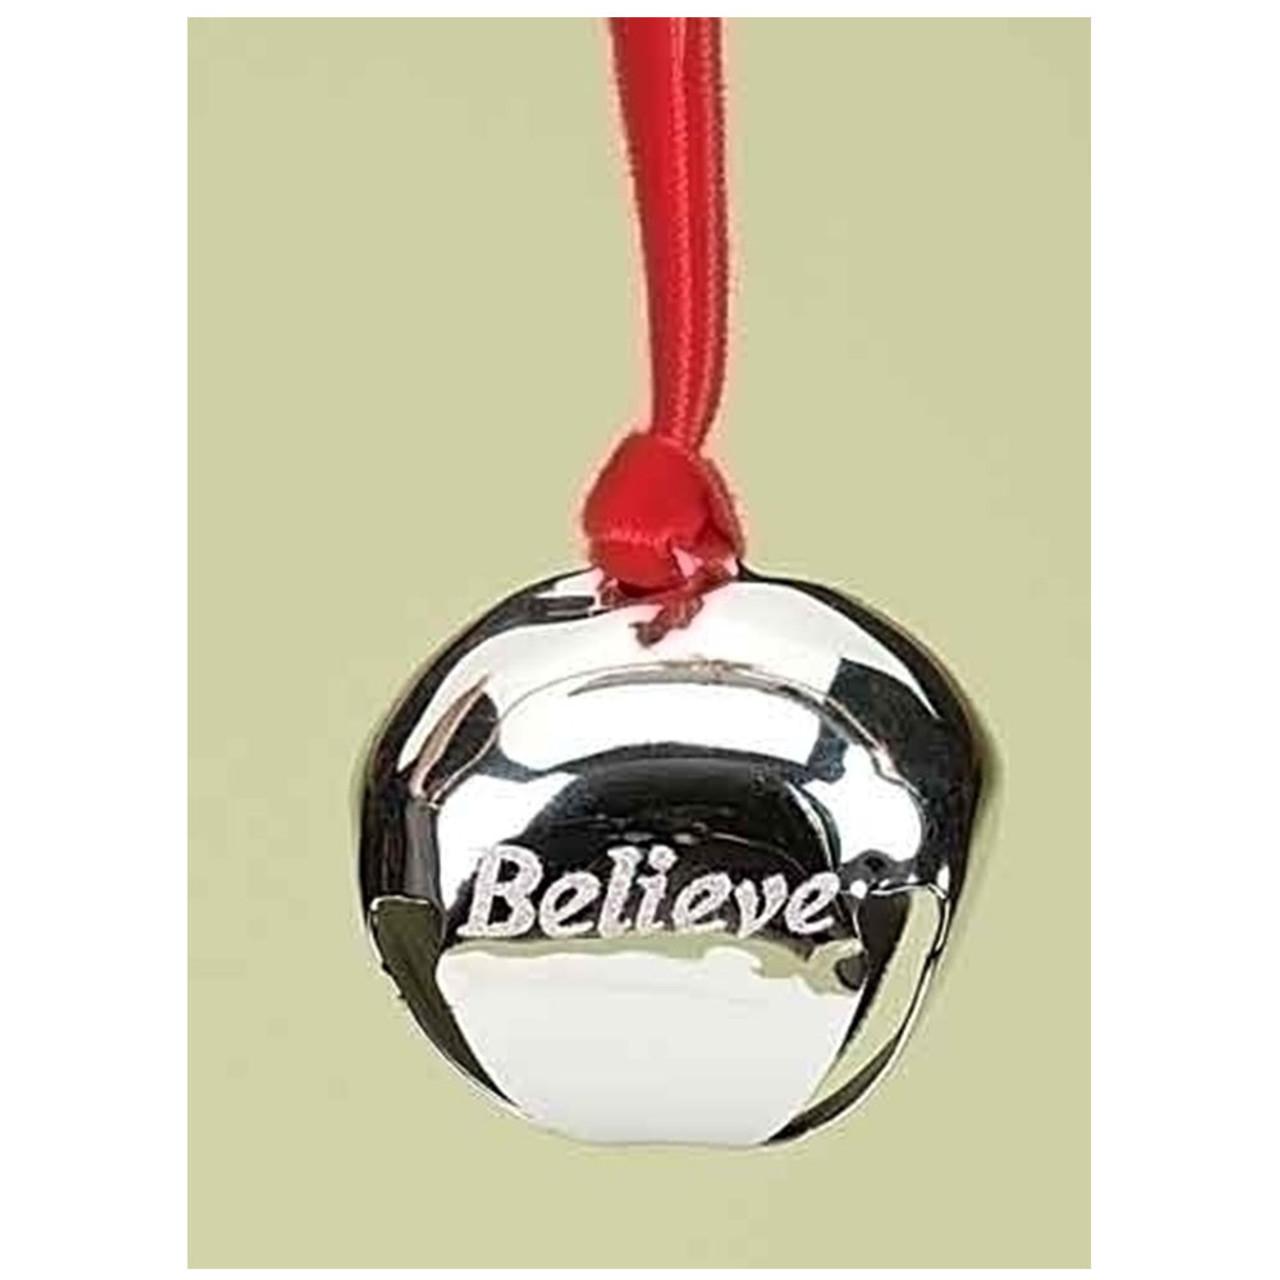 Believe Silver Bell Ornament 2x1.75IN